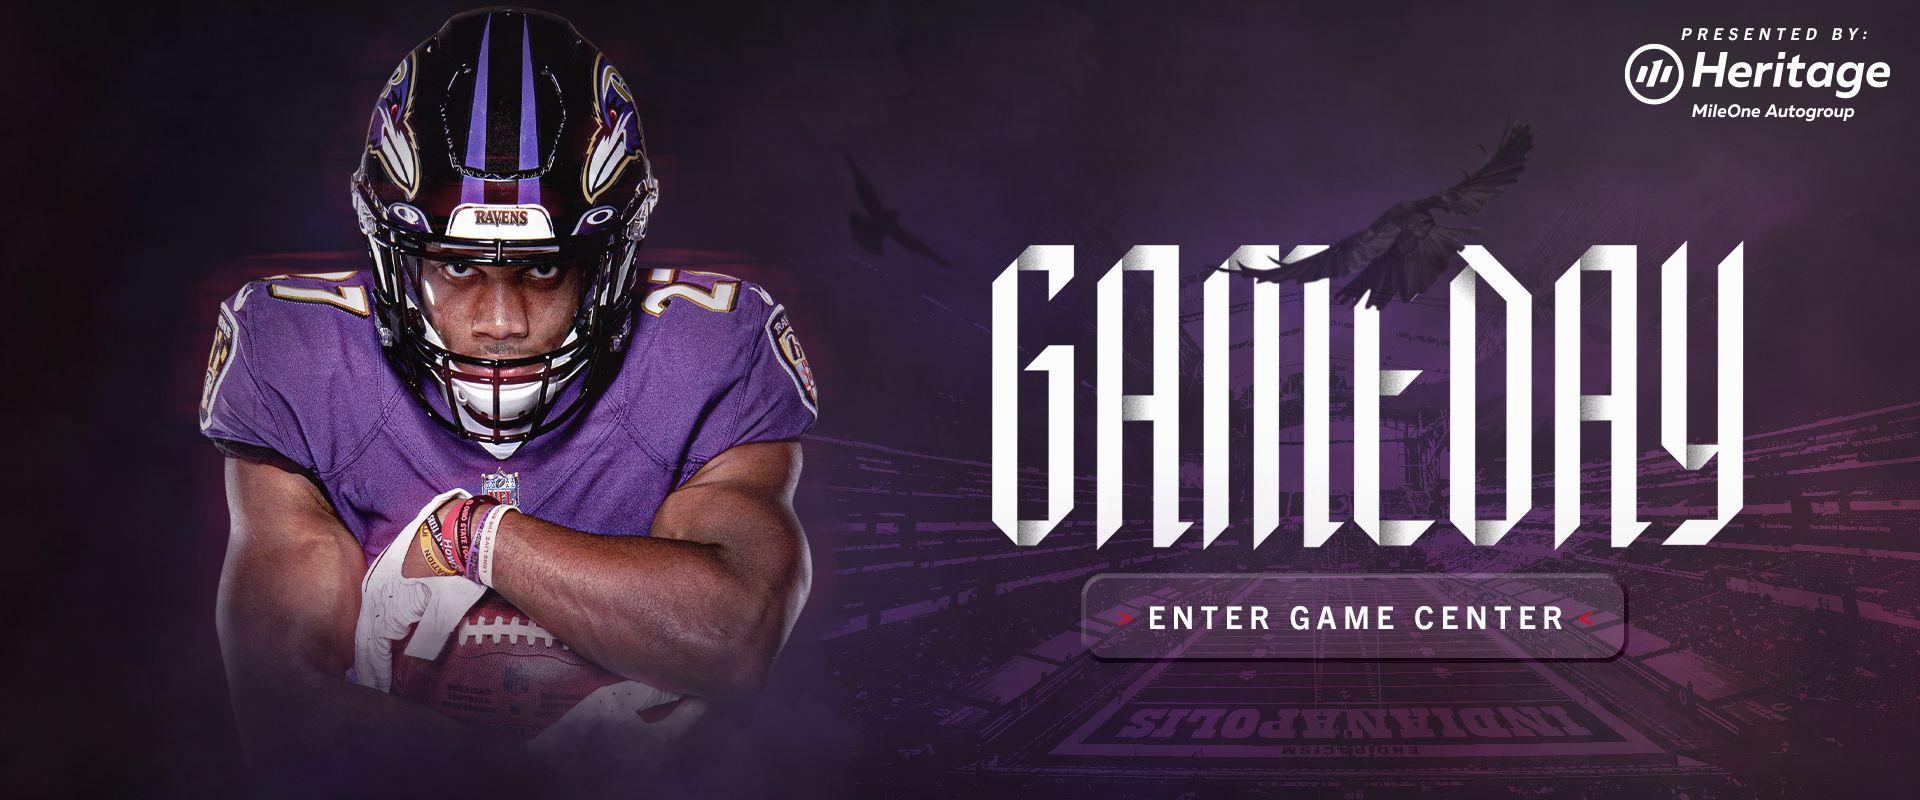 Enter the Game Center